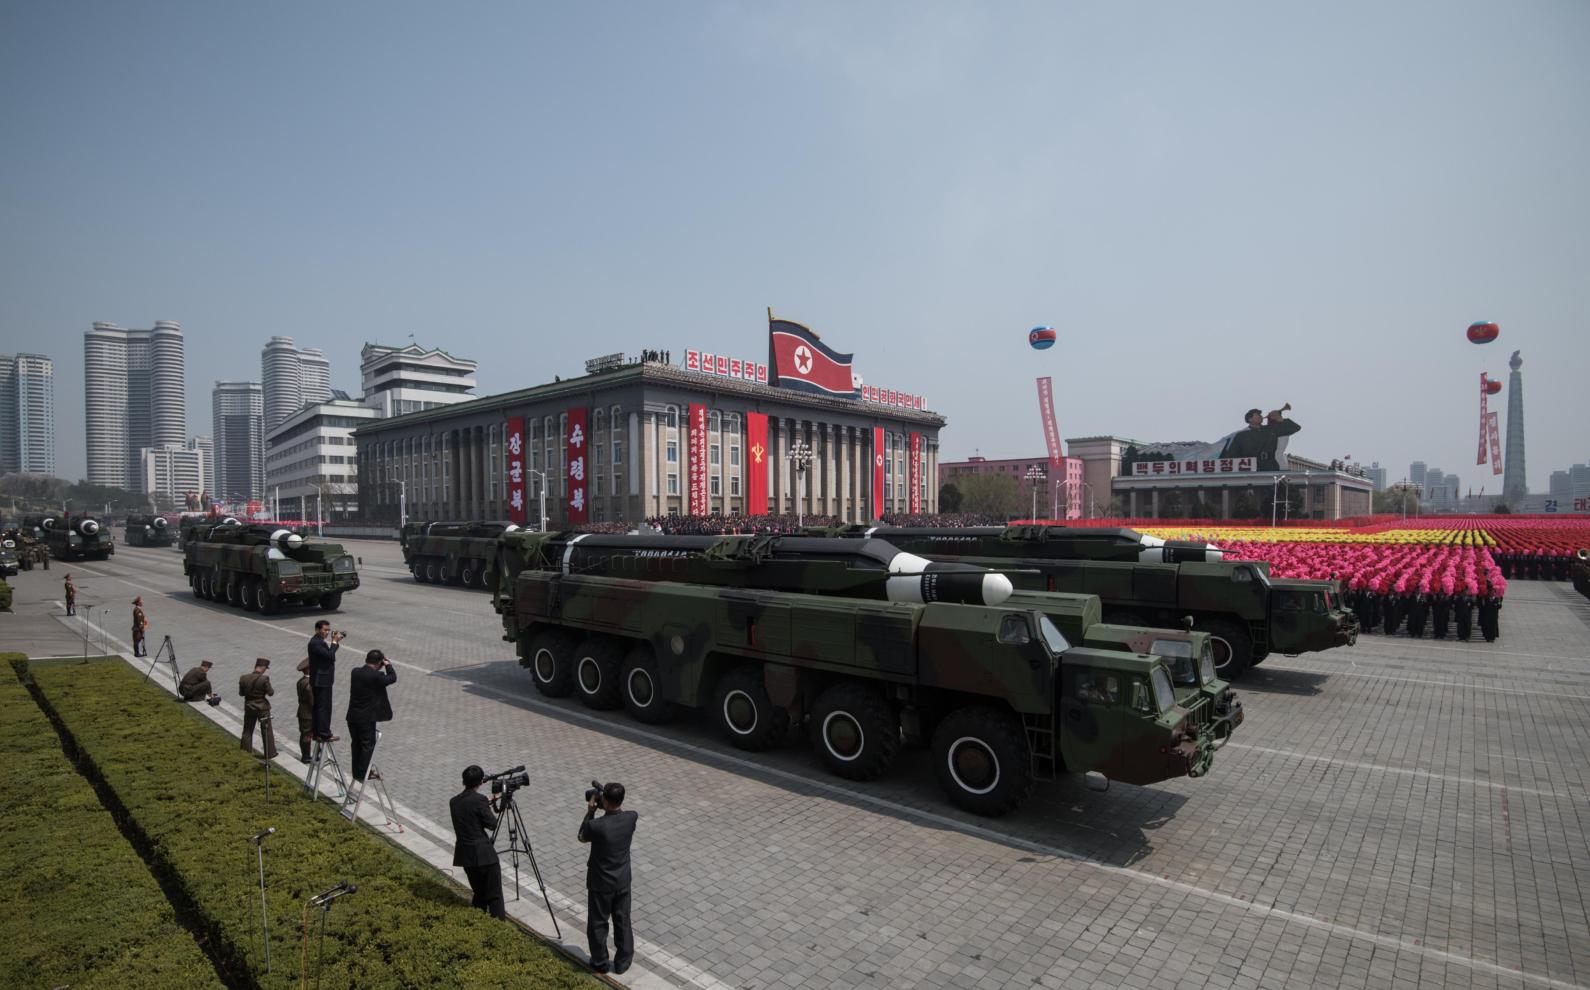 Một tên lửa và bệ phóng di động không xác định đã tiến qua quảng trường Kim Il-Sung trong cuộc diễu binh kỷ niệm 105 năm ngày sinh của cố lãnh đạo Triều Tiên Kim Il-Sung tại Bình Nhưỡng, Triều Tiên ngày 15/4/2017. Nhà lãnh đạo Triều Tiên Kim Jong-Un ngày 15/4 đã chào khi hàng ngũ binh sĩ, theo sau là xe tăng và các khí tài quân sự khác diễu hành ở Bình Nhưỡng để thể hiện sức mạnh trong bối cảnh căng thẳng gia tăng về tham vọng hạt nhân của ông. (ED JONES / AFP qua Getty Images)